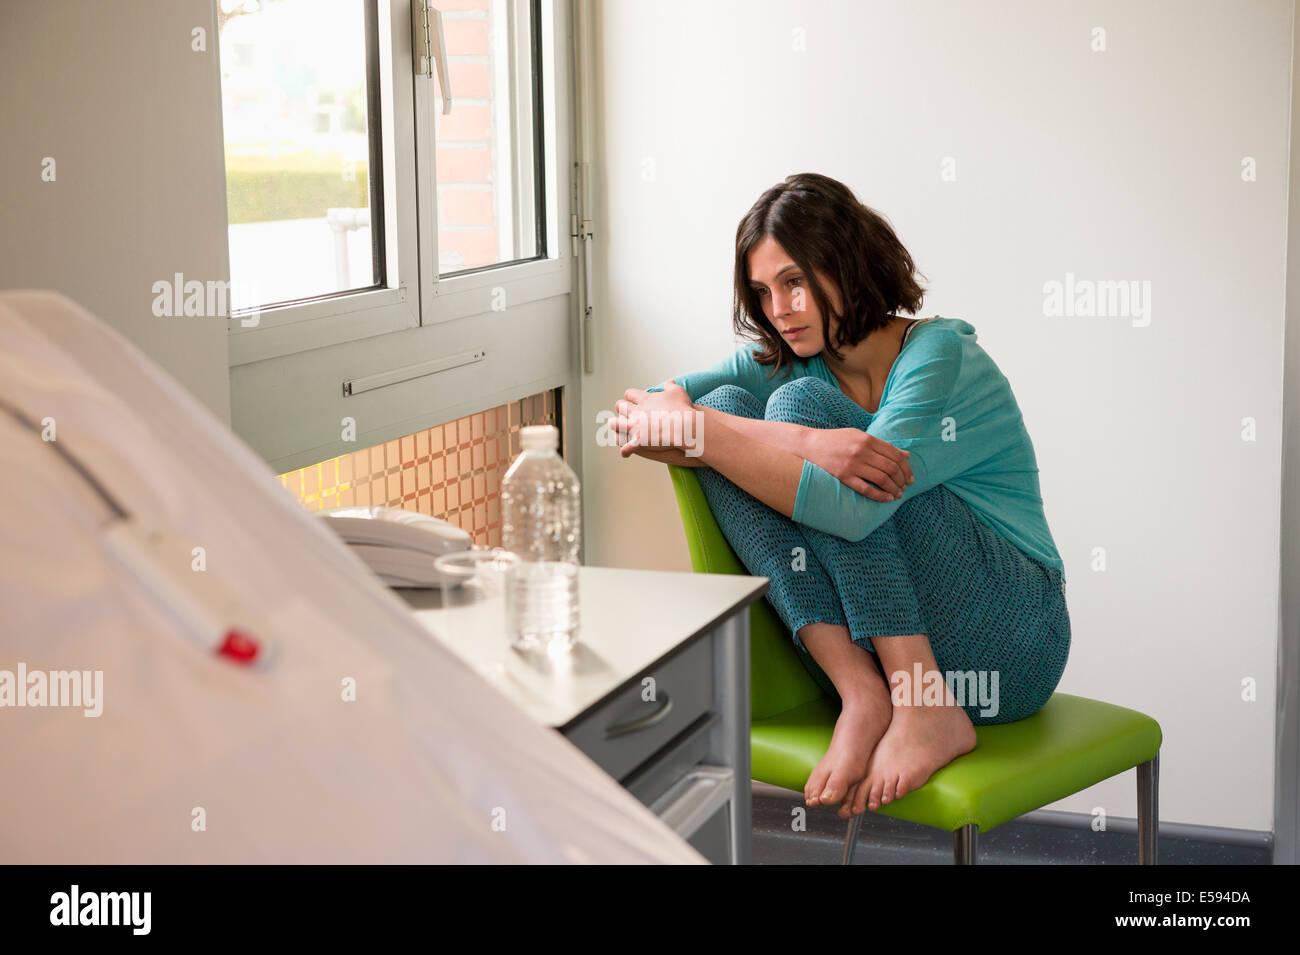 Mujeres deprimidas sentado en la silla del paciente en un hospital Imagen De Stock